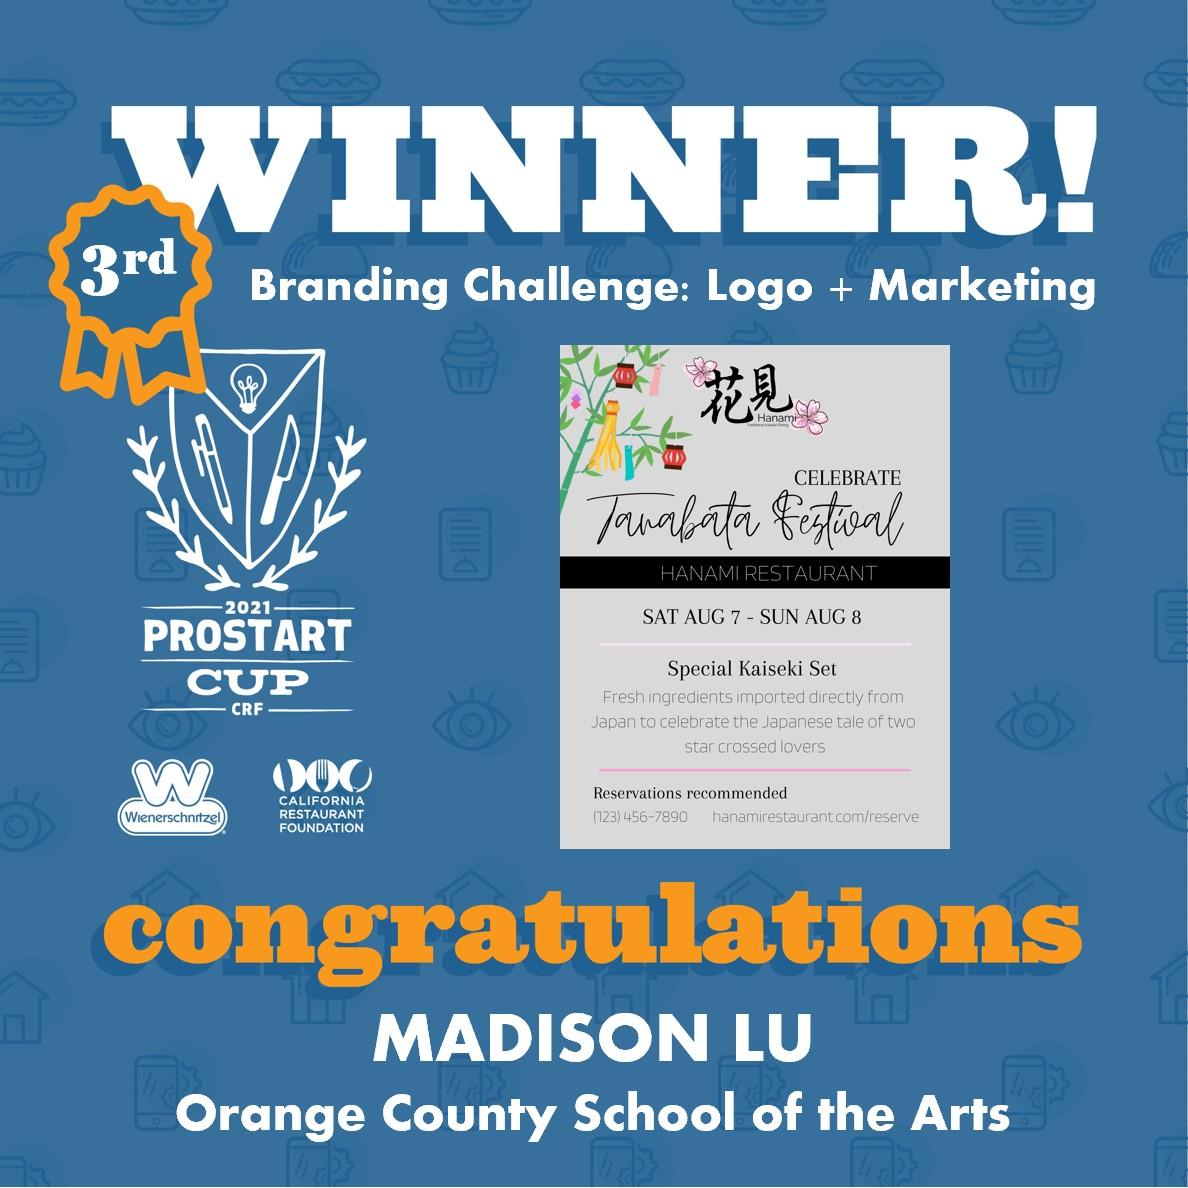 2021 ProStart Winner - Branding Challenge: Logo + Marketing - 3rd Place